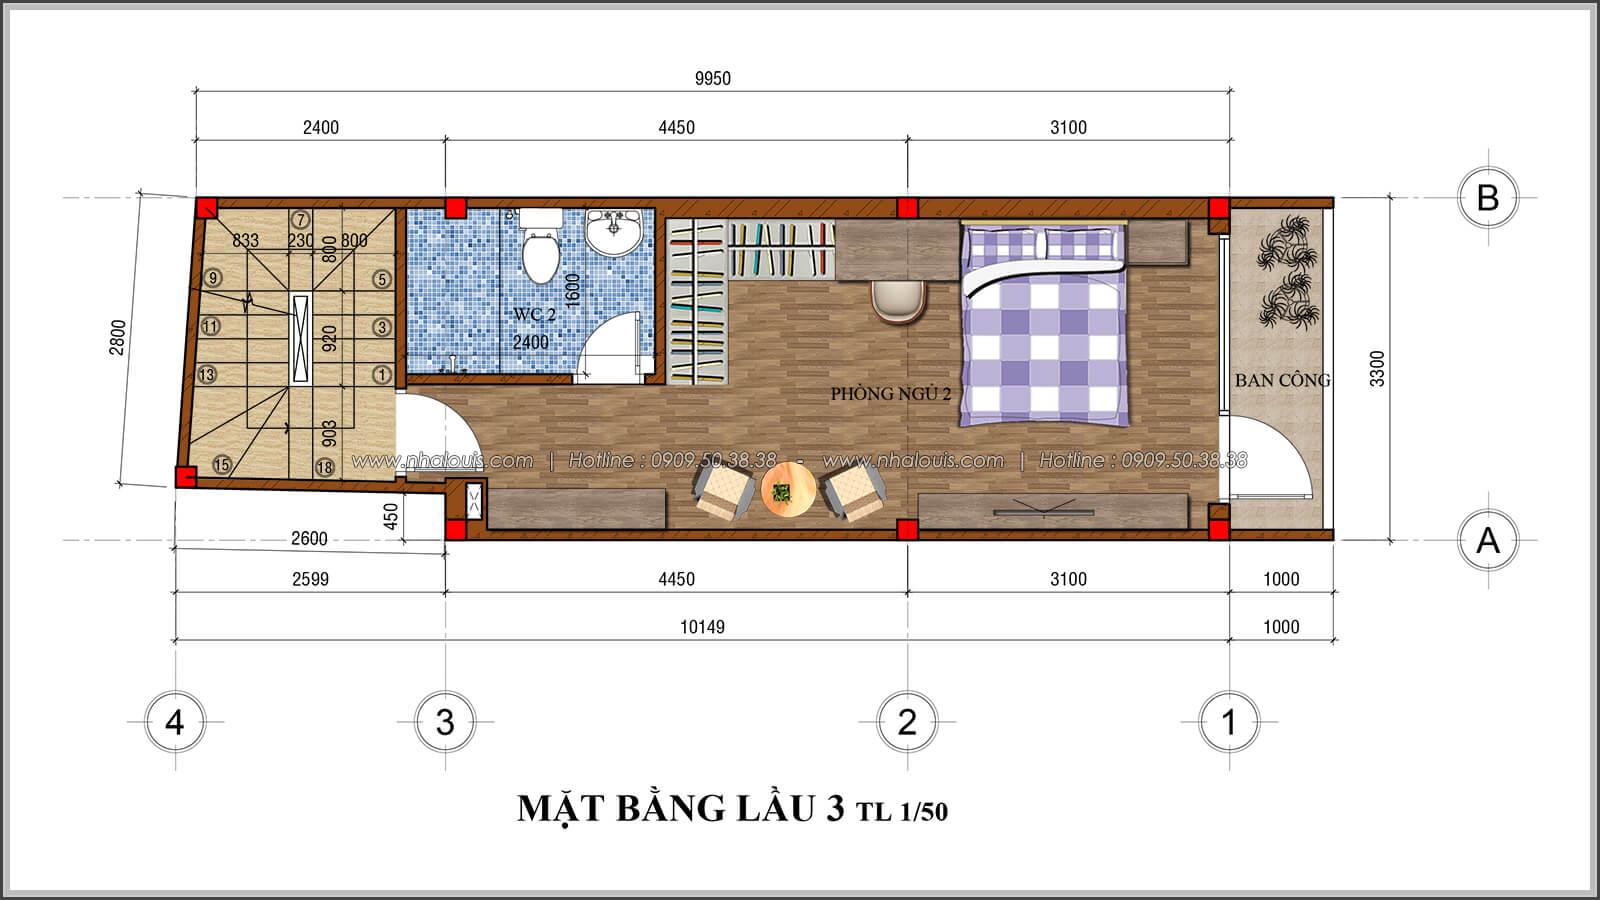 Mặt bằng lầu 3 thiết kế nhà 4x10 kết hợp kinh doanh tại chợ Tân Bình - 07